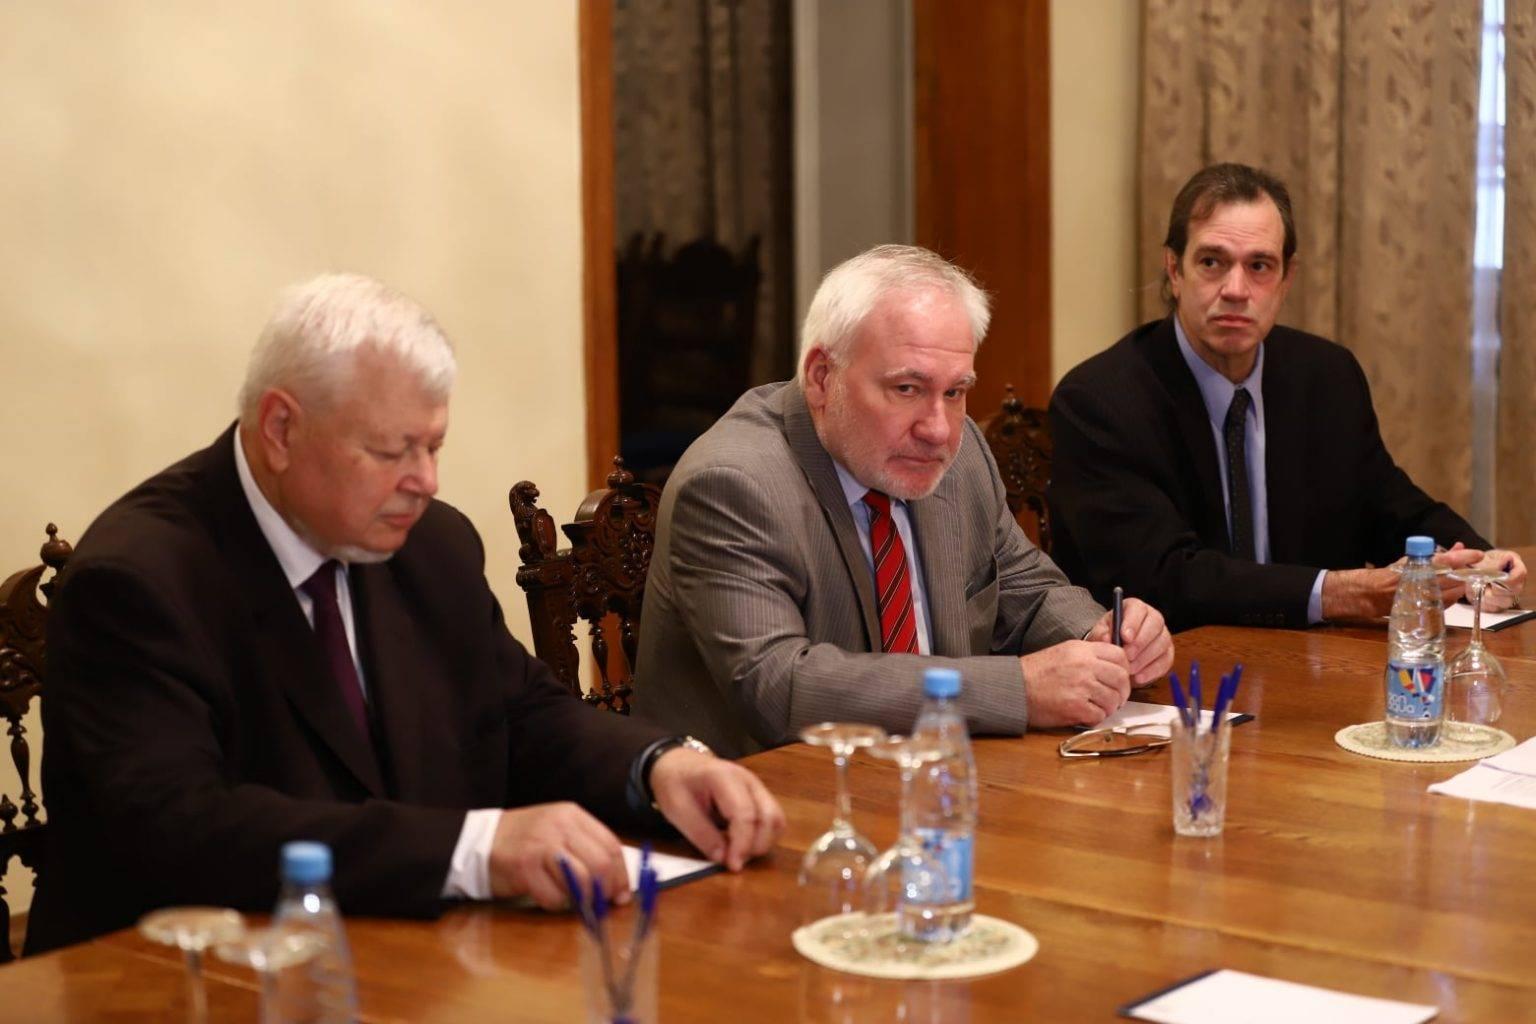 ATƏT-in Minsk Qrupu həmsədrləri tərəfləri dərhal humanitar atəşkəsi təmin  etməyə çağırır